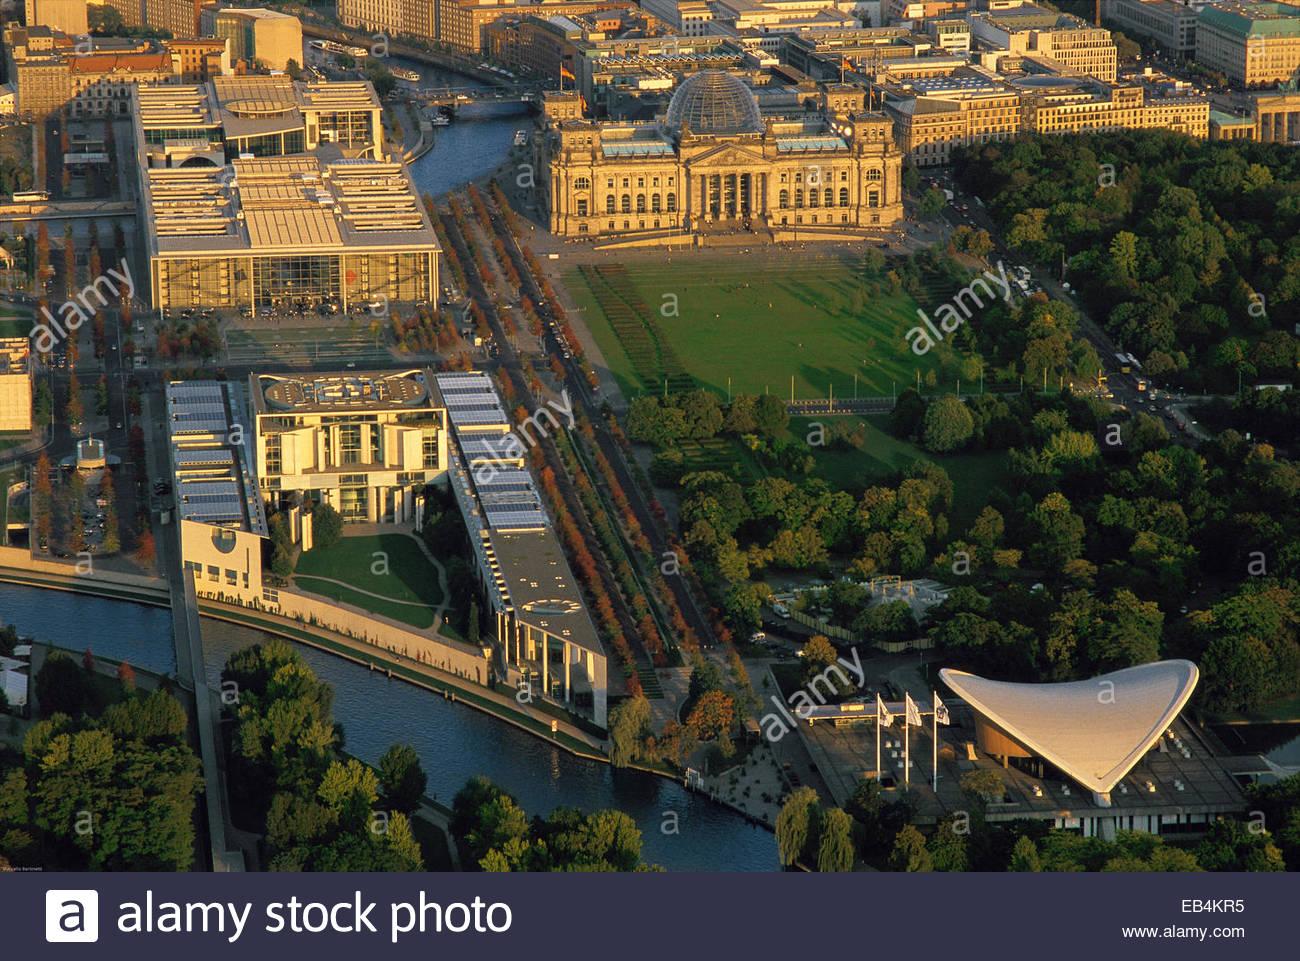 Eine Luftaufnahme von der Band des Bundes oder Band der Föderation und dem Reichstag bei Sonnenuntergang. Stockbild